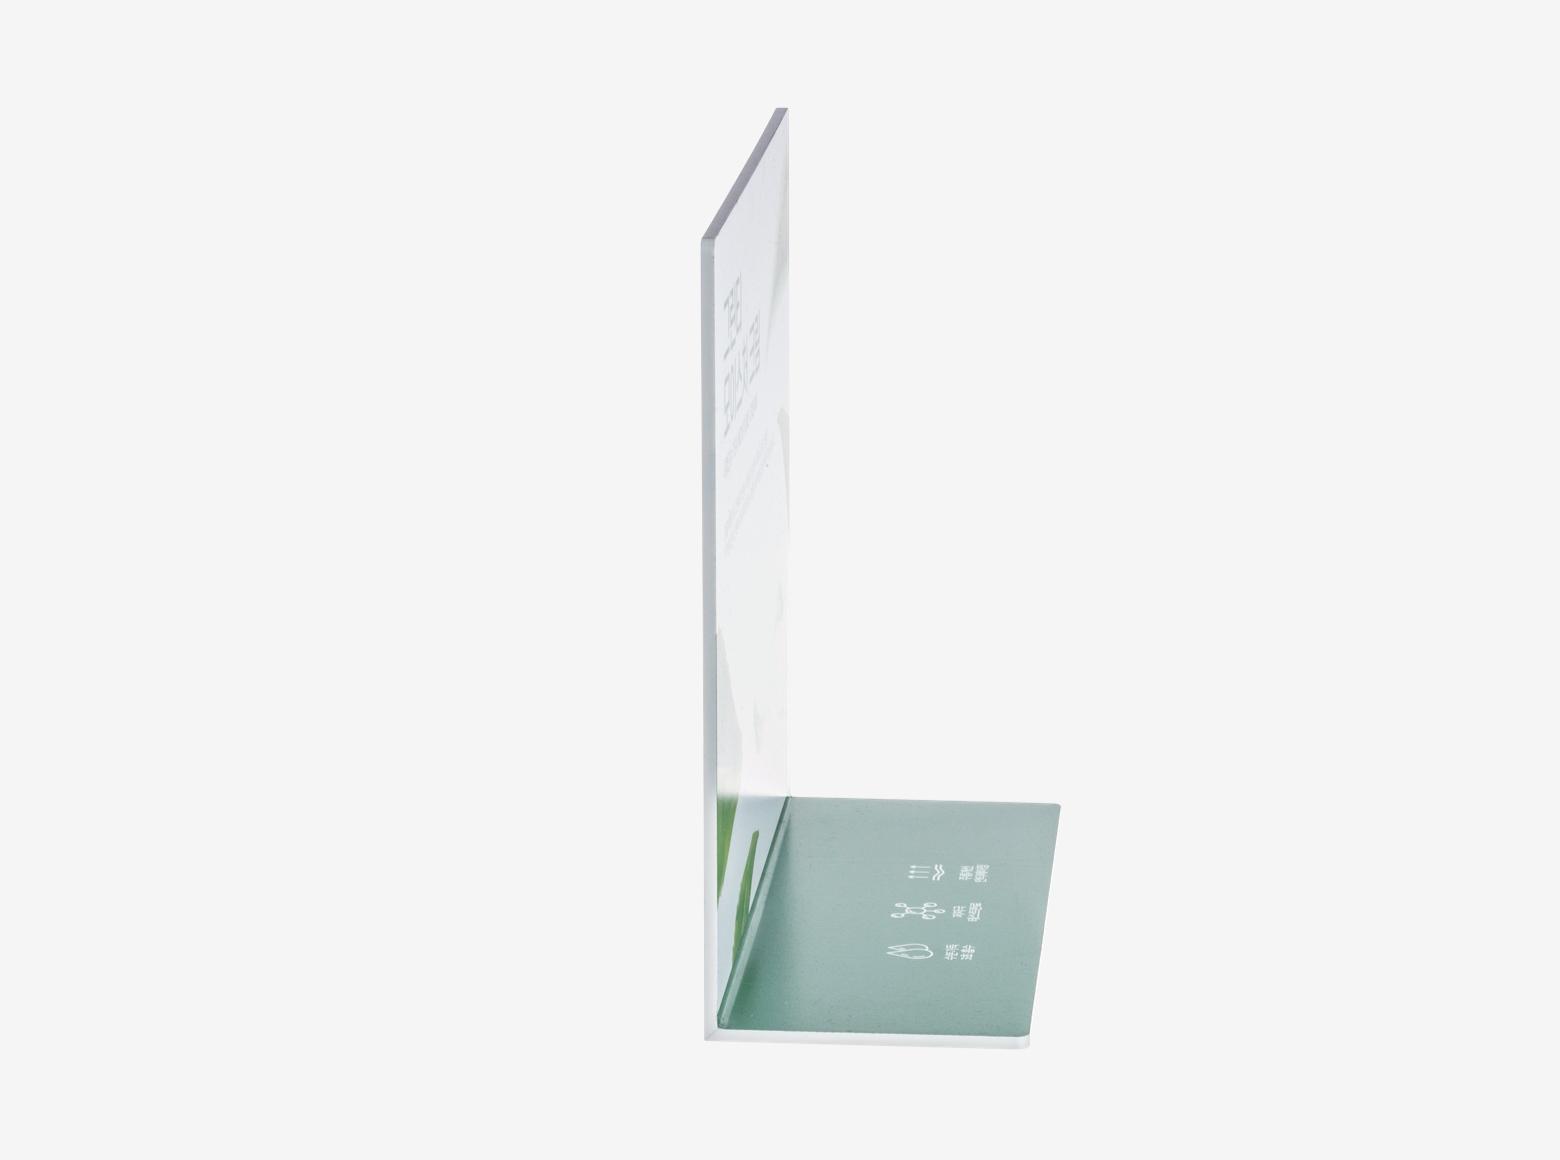 제품 전시대_L형-롤링배너 슬라이드3